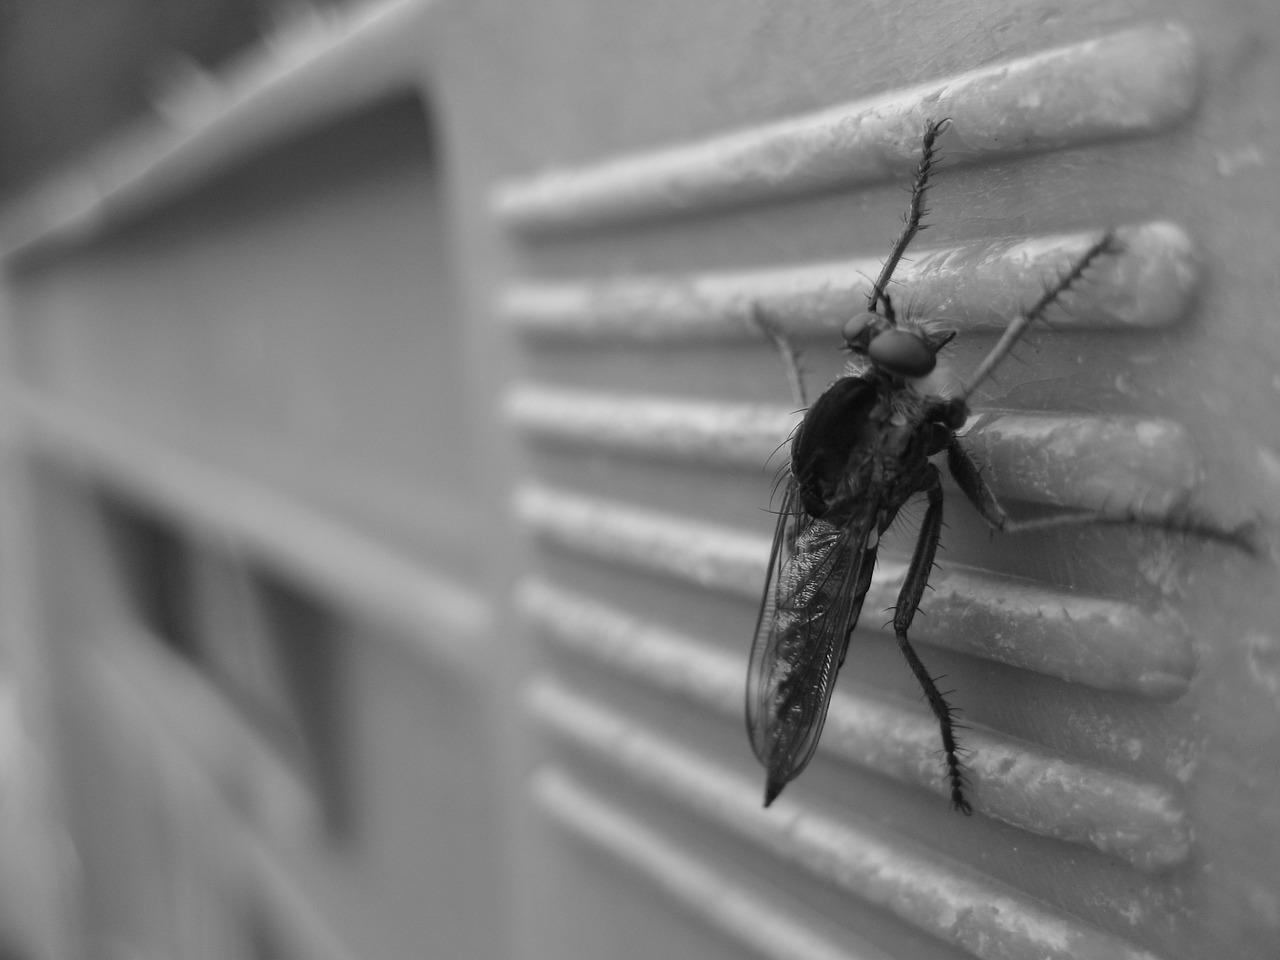 mosquito-4